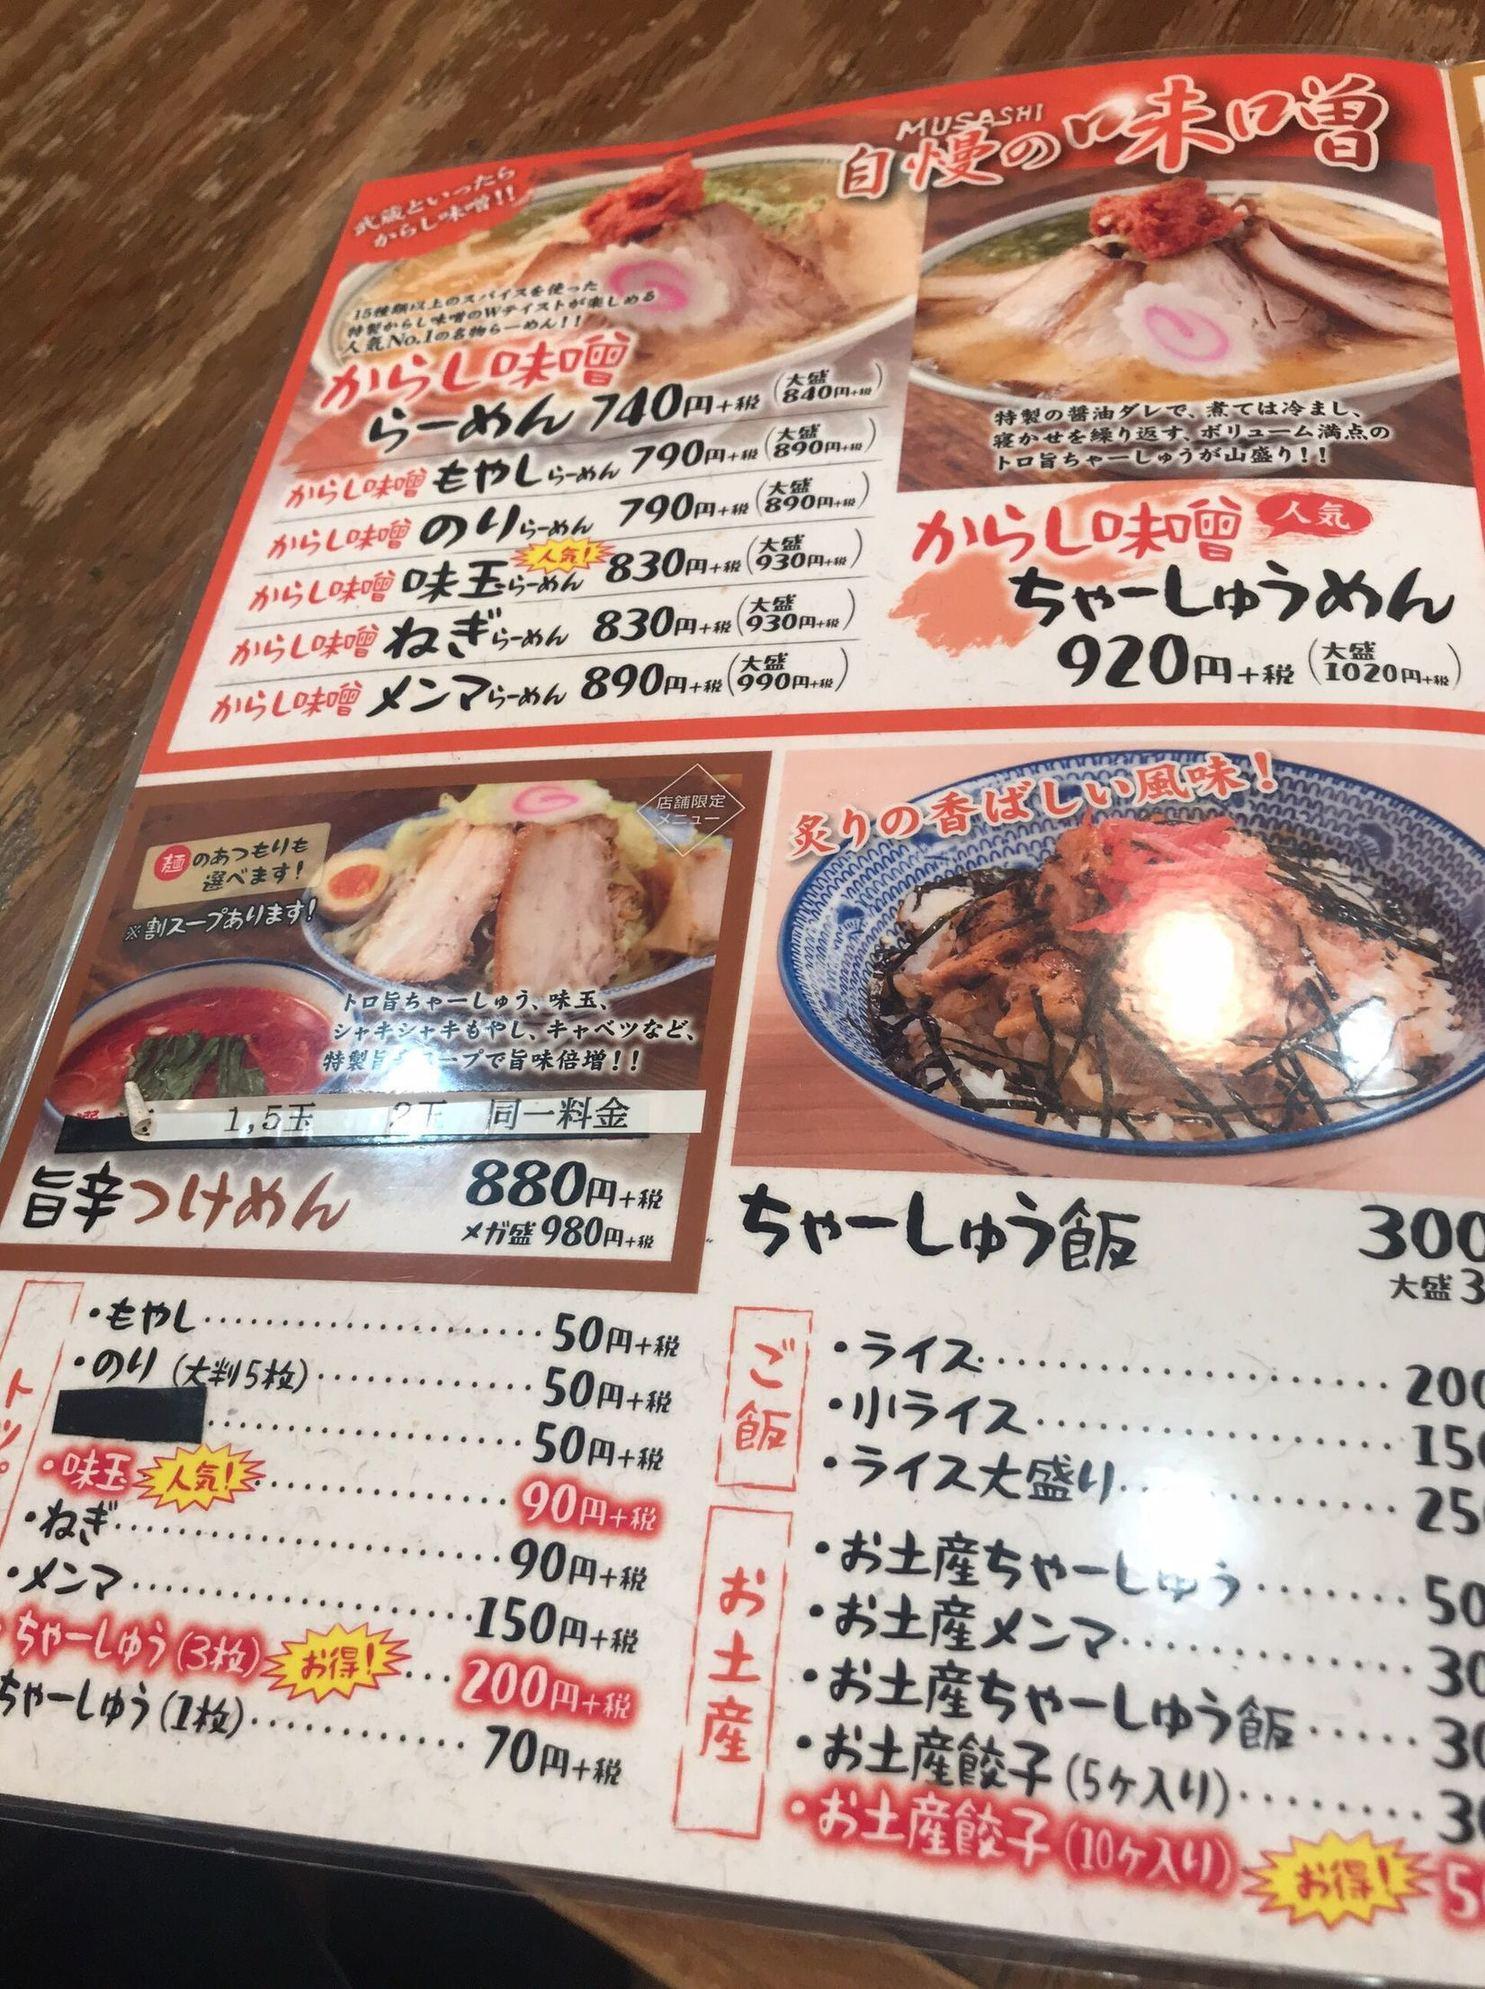 ちゃーしゅうや 武蔵 アピタ静岡店 name=